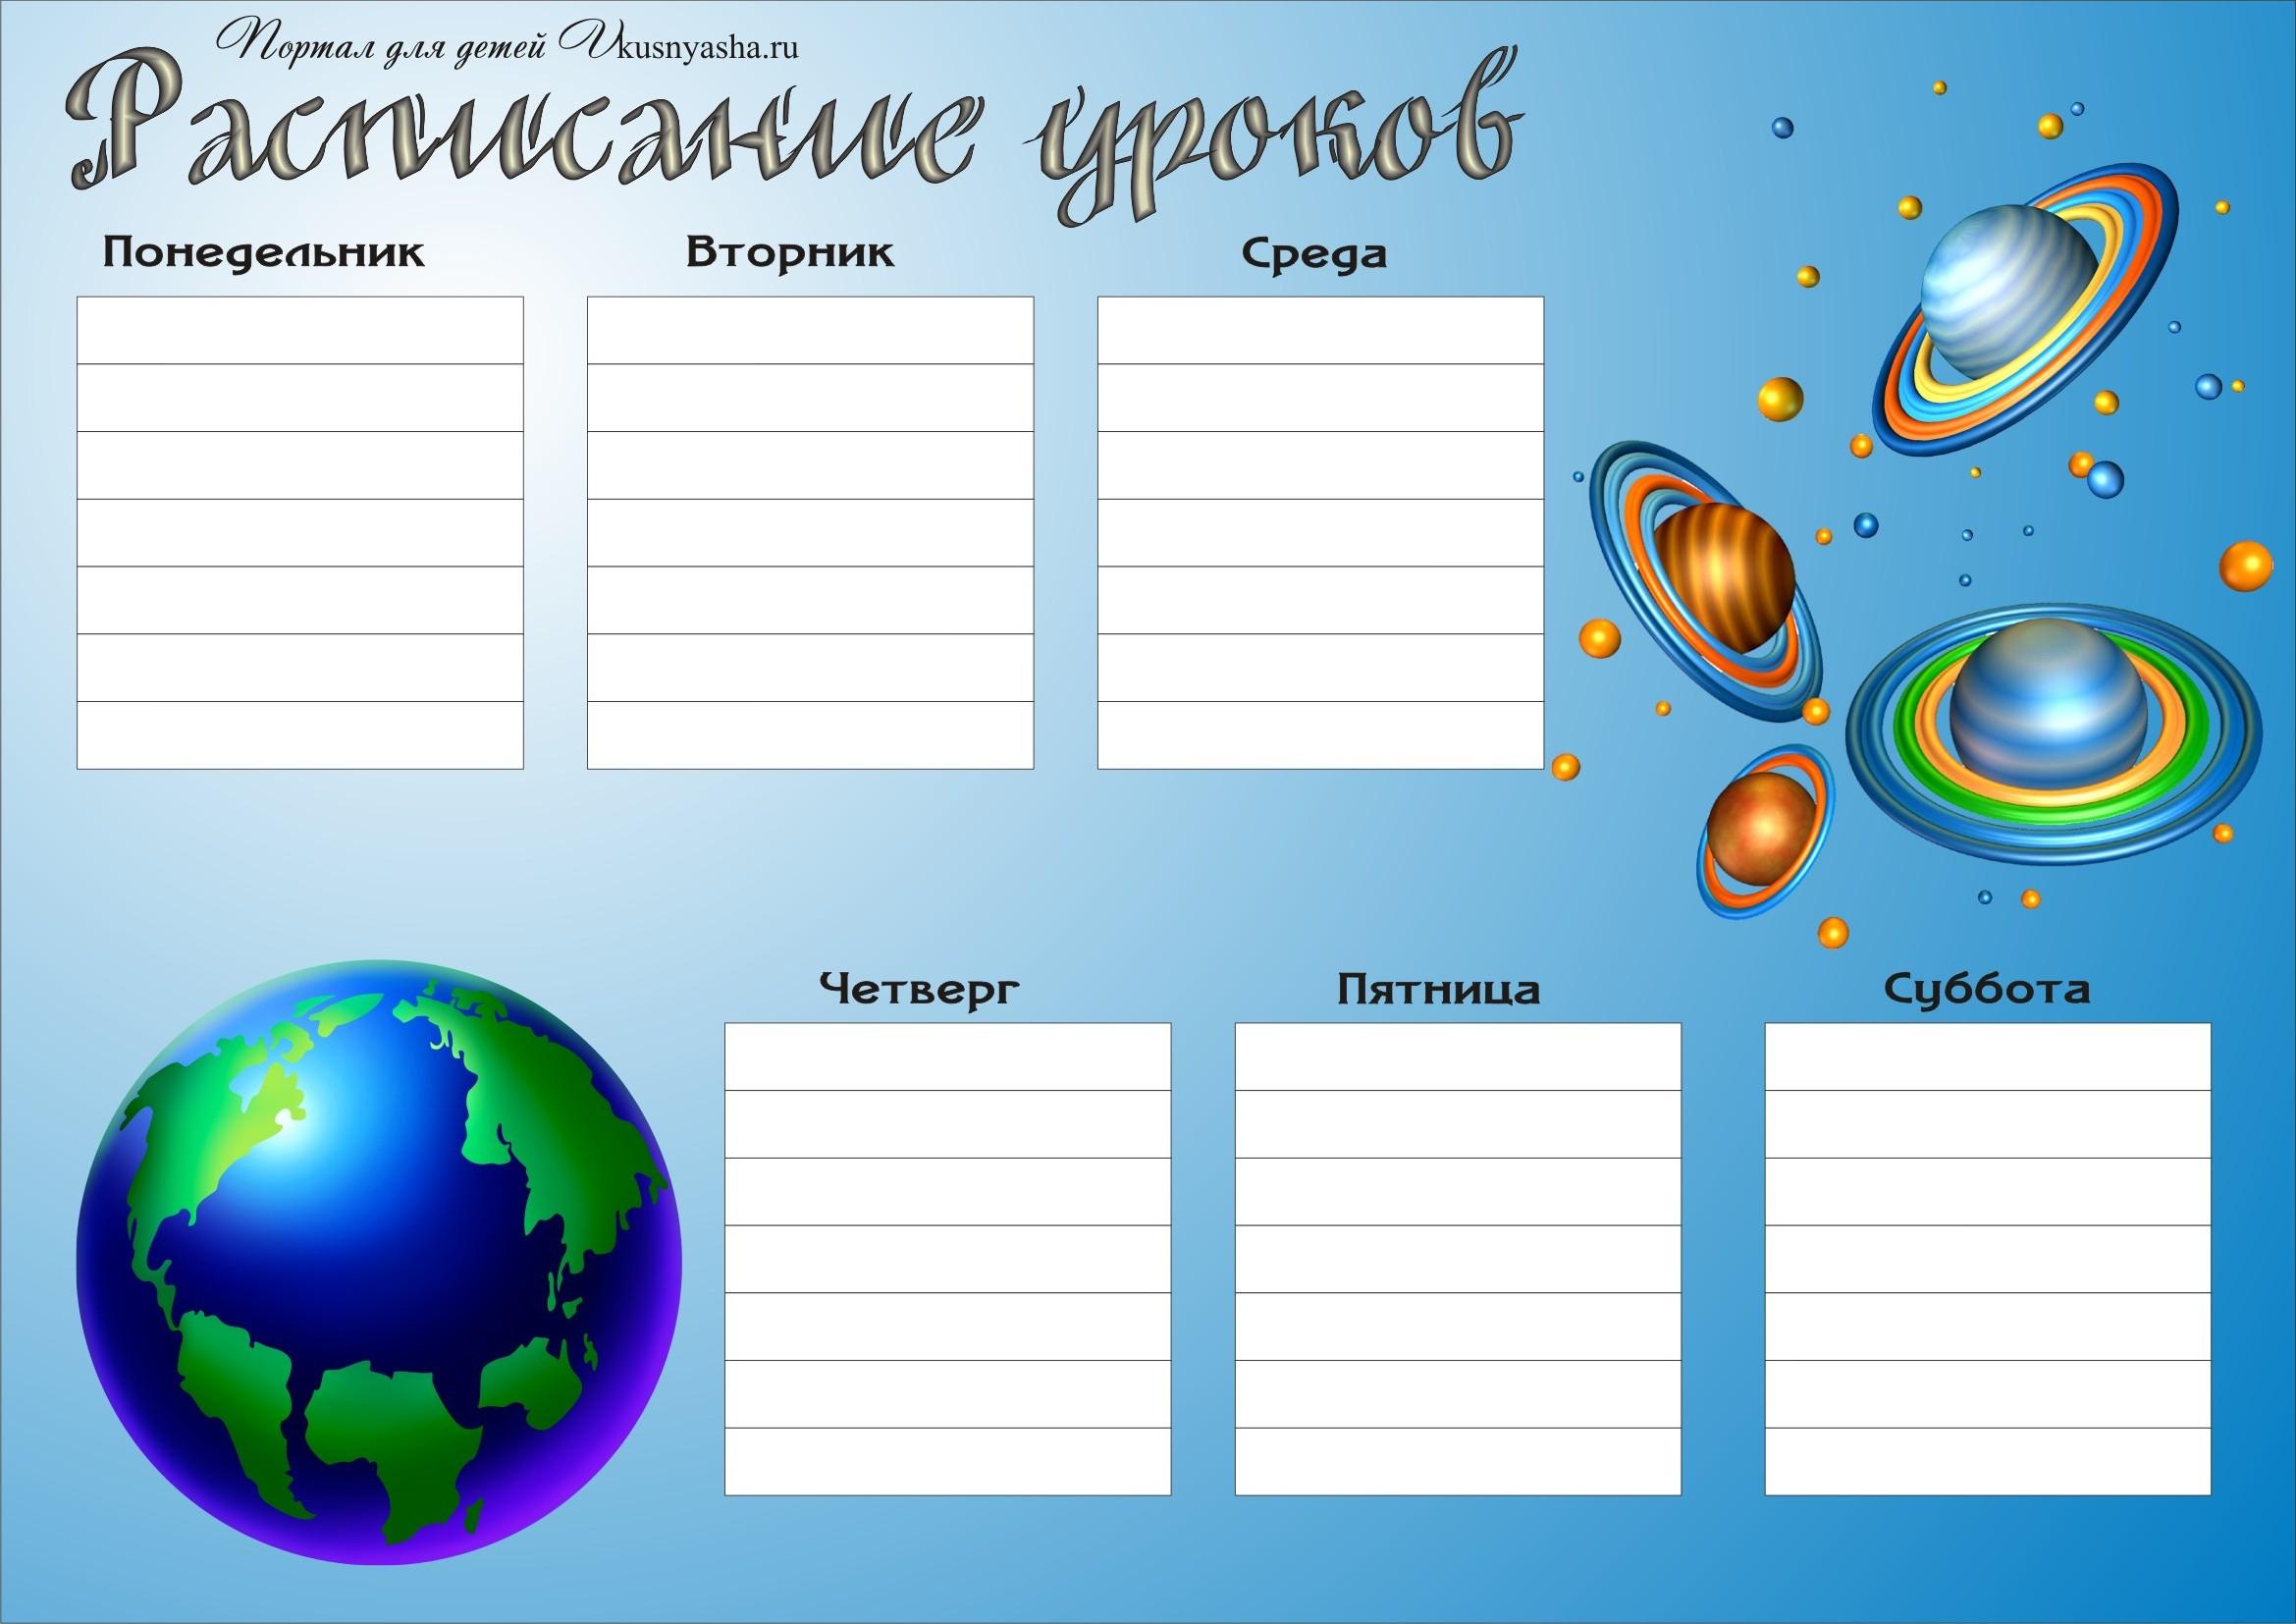 Расписание уроков в картинках распечатать